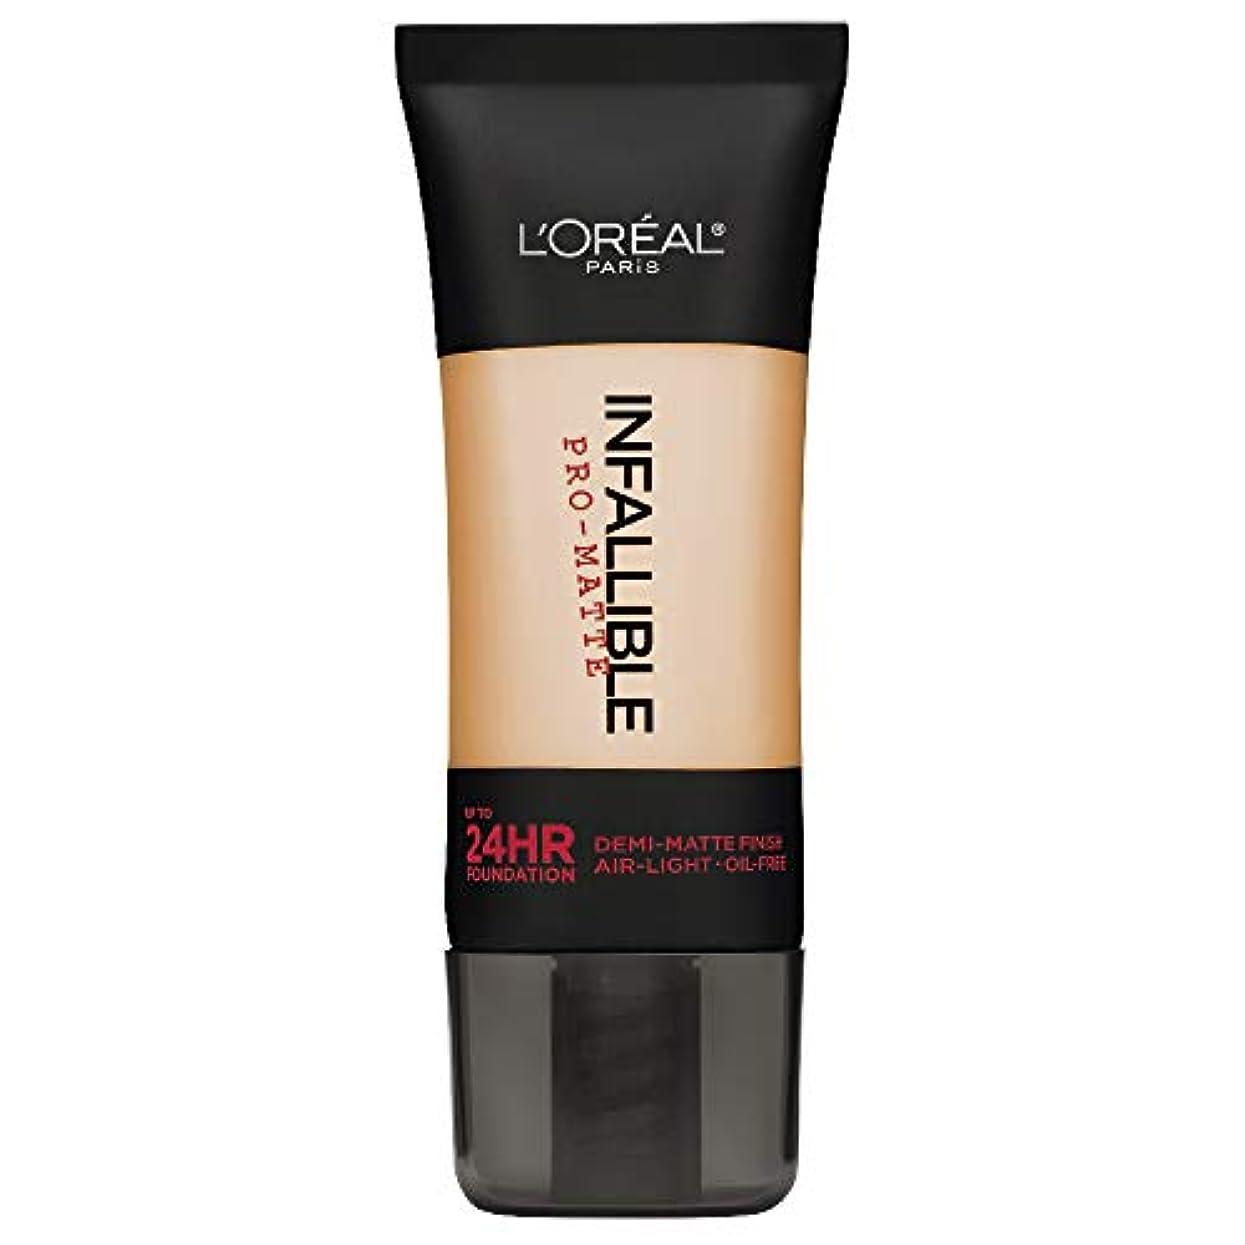 再発するフォーク眠りL'Oreal Paris Infallible Pro-Matte Foundation Makeup, 104 Golden Beige, 1 fl. oz[並行輸入品]